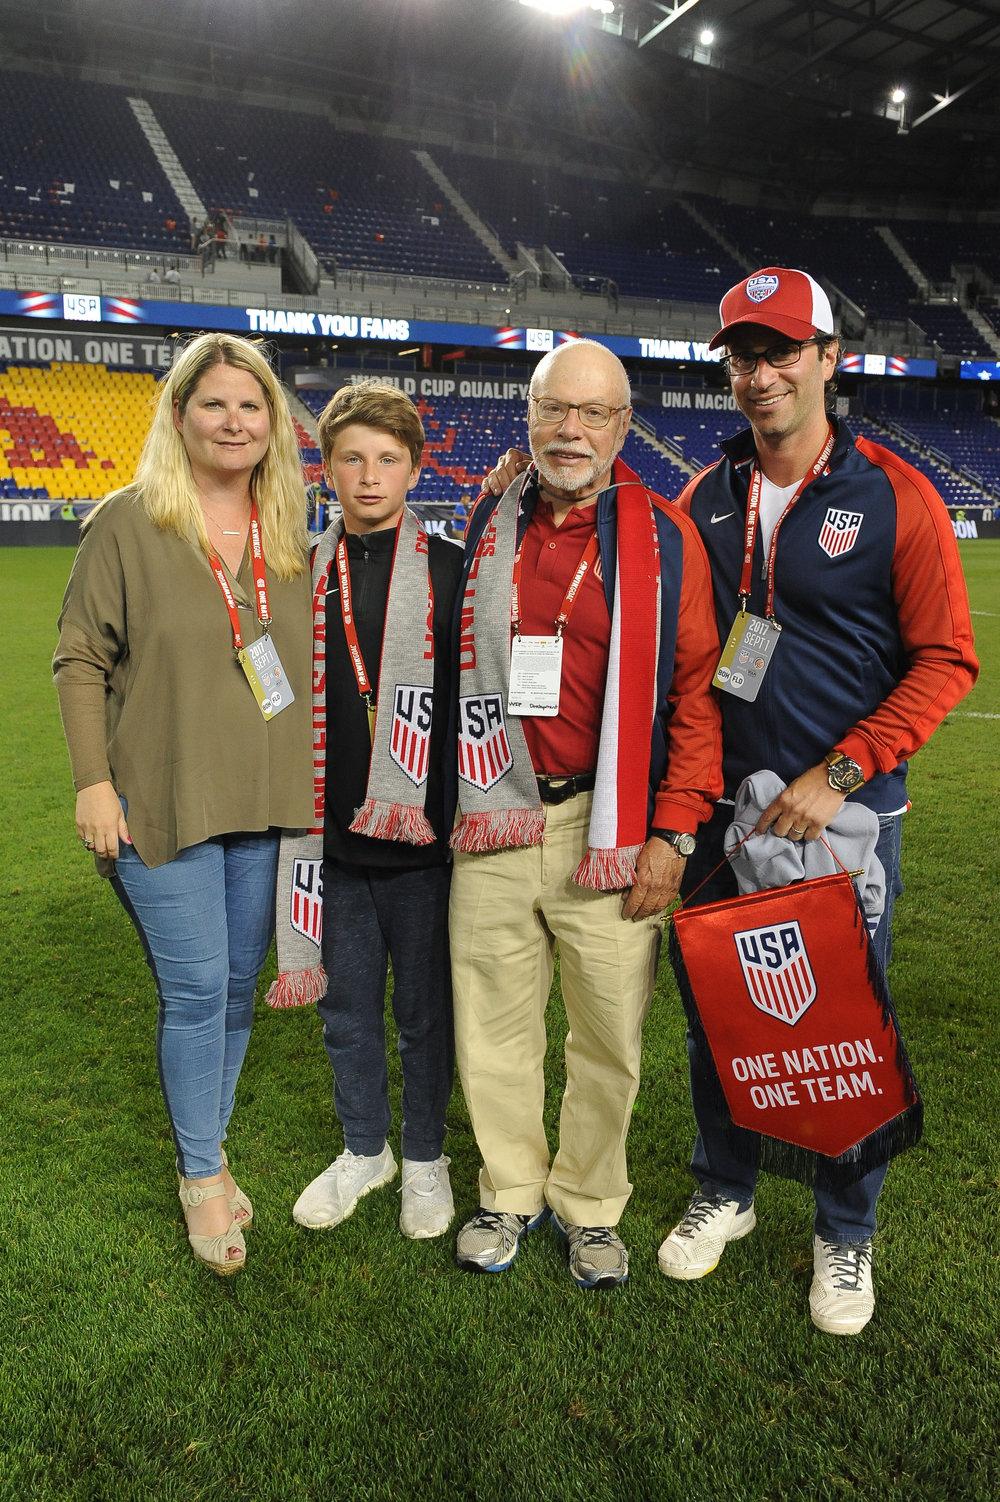 us_soccer_images_042_2.jpg